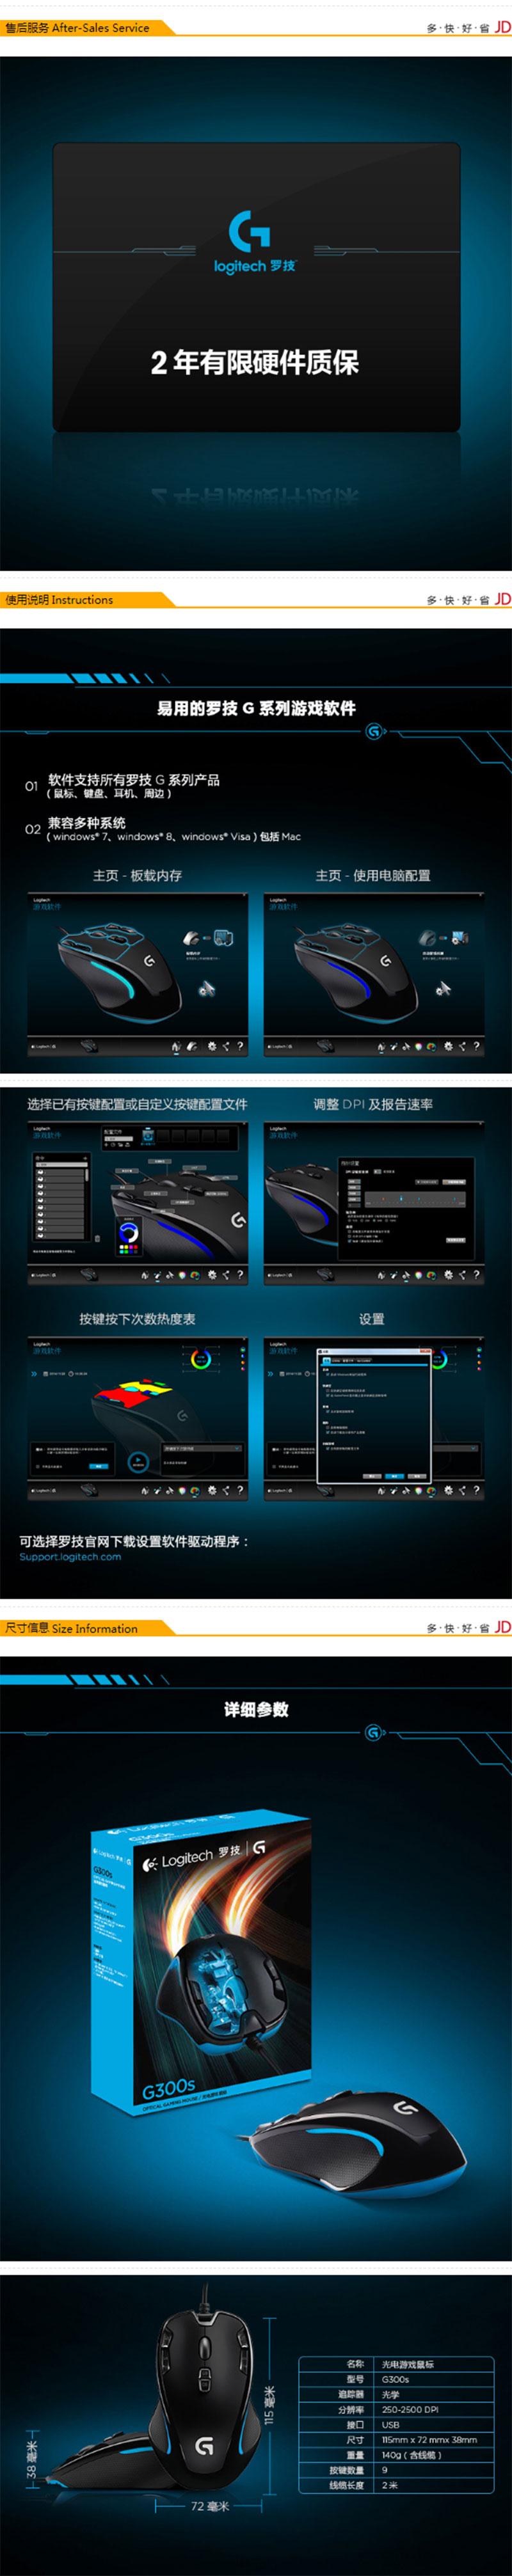 G300S游戏鼠标